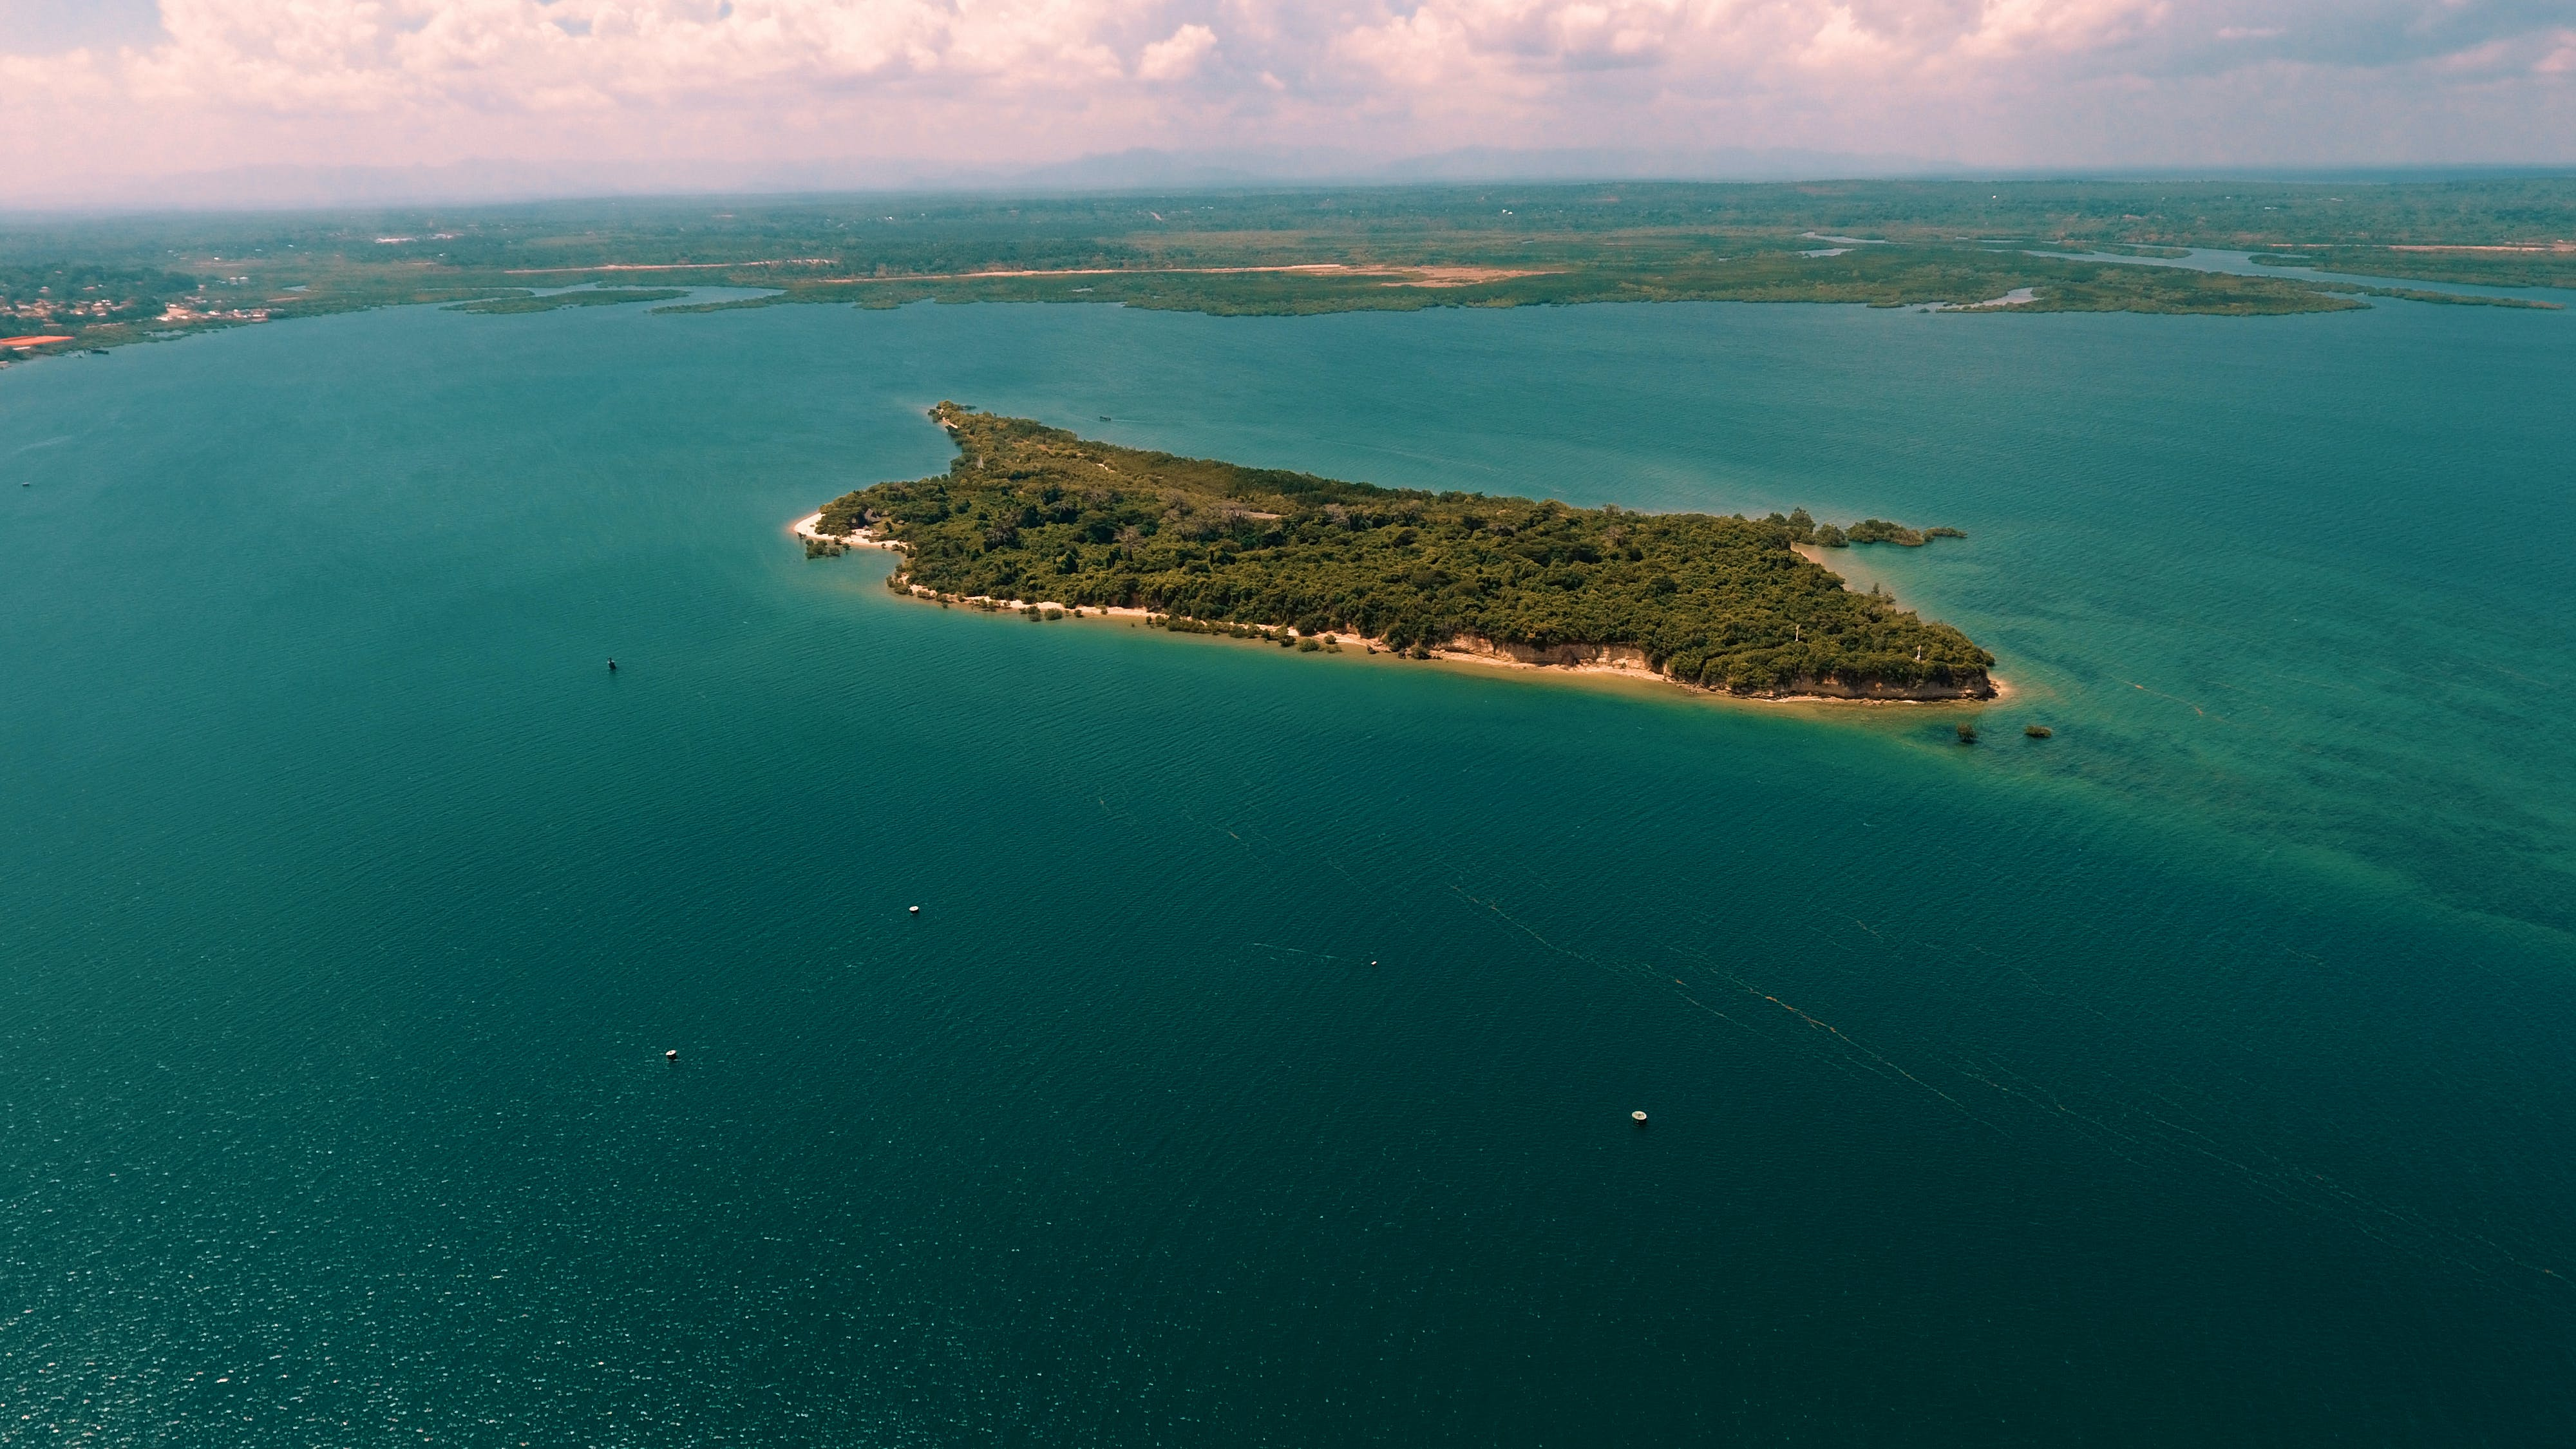 シースケープ, ナチュラル, ビーチ, 半島の無料の写真素材